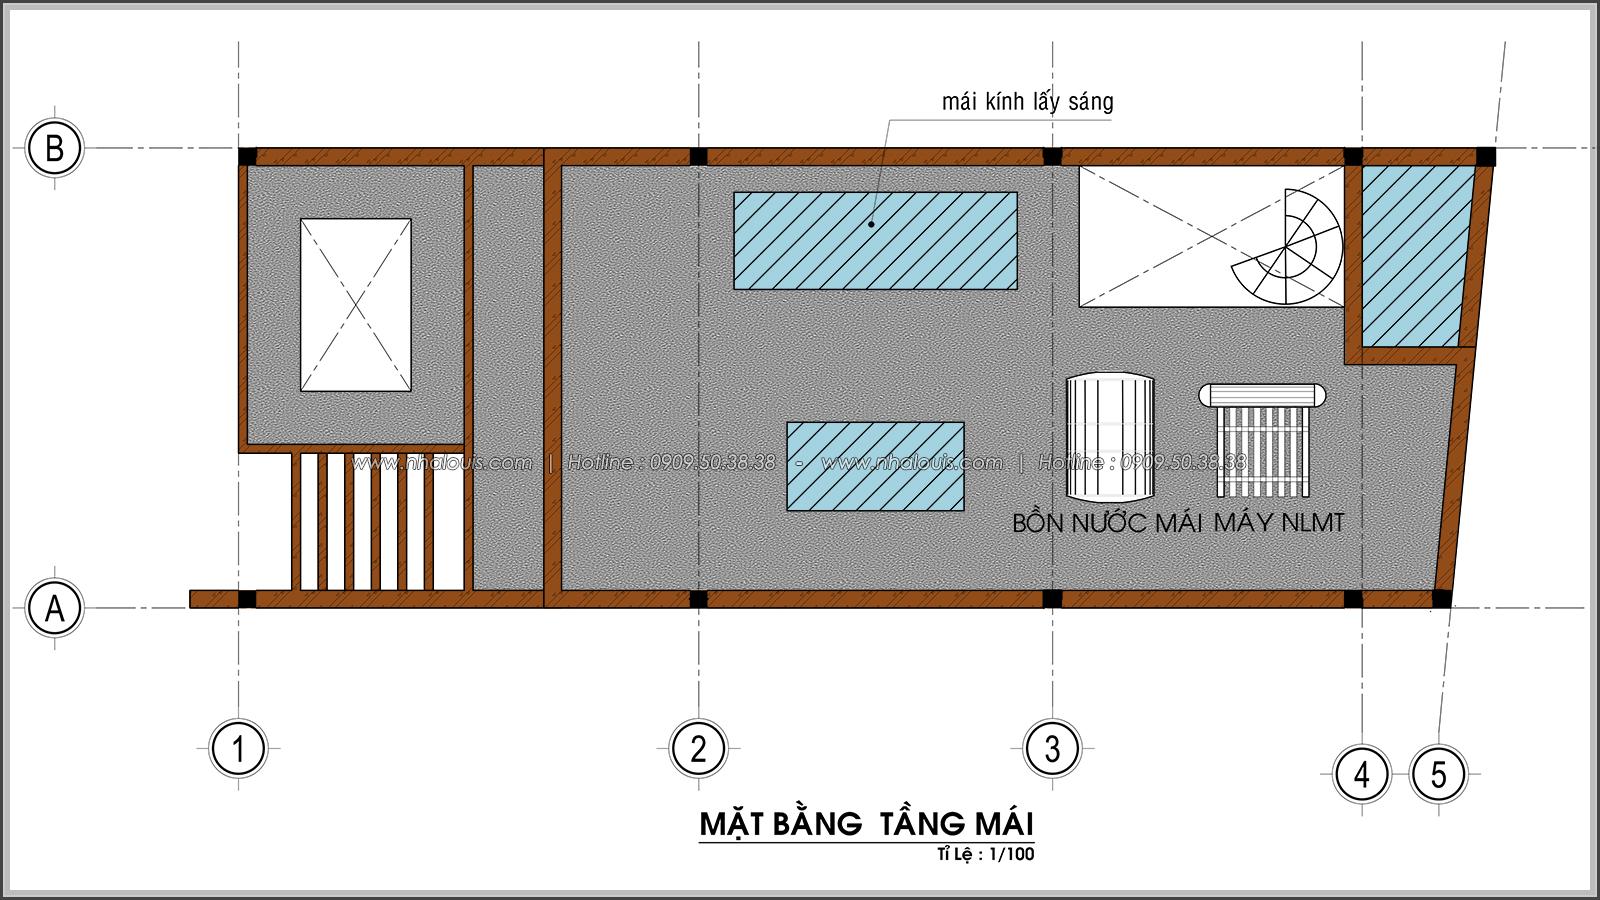 Thiết kế nhà ống 4 tầng tại Tân Bình mặt tiền 5m có gara ô tô tiện lợi - 08